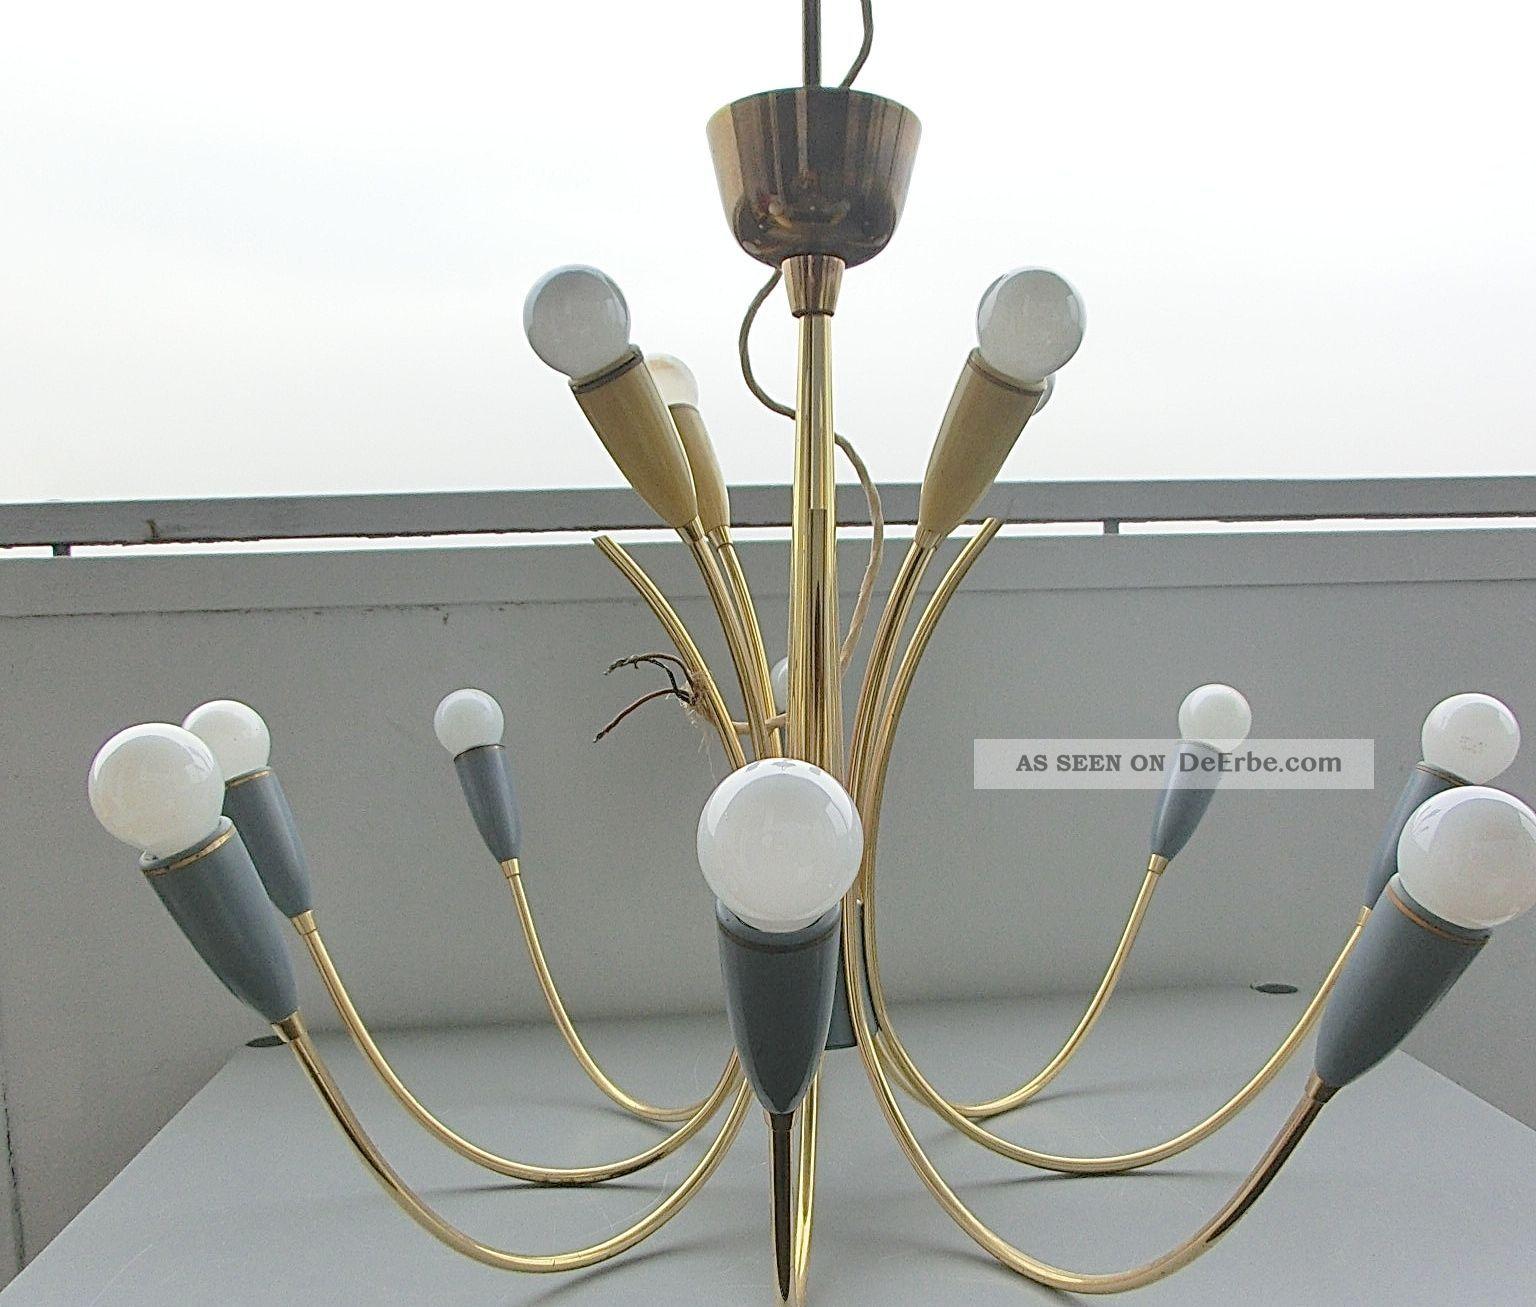 Lampe lamp mid century vintage deckenlampe 50er 50s 60er for Lampen 50er design